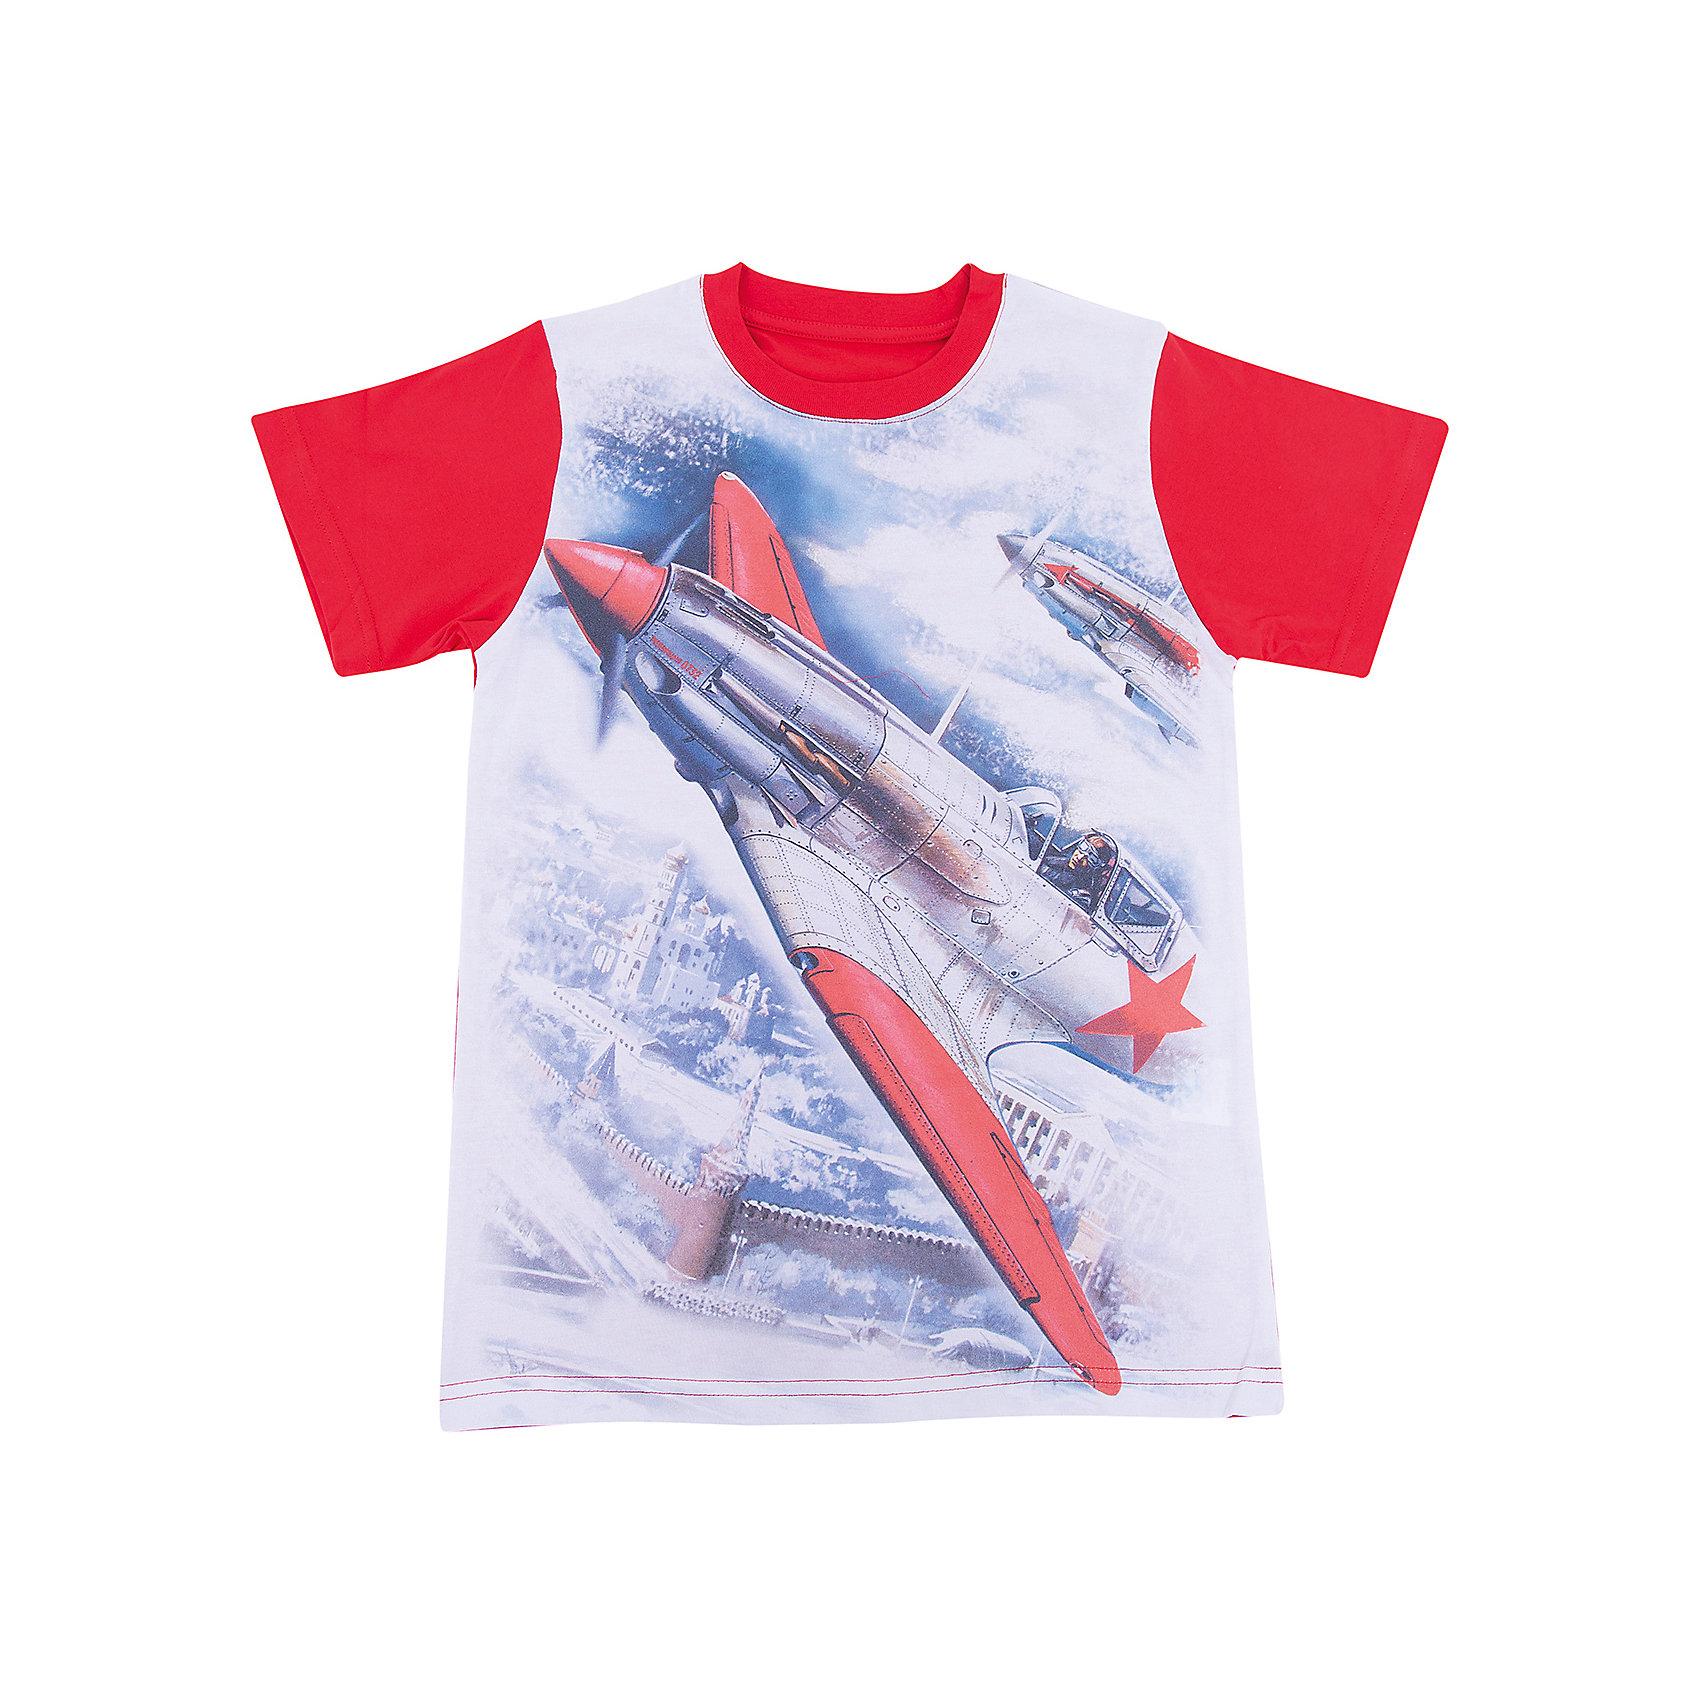 Футболка для мальчика WOWФутболки, поло и топы<br>Футболка для мальчика WOW<br>Незаменимой вещью в  гардеробе послужит футболка с коротким рукавом. Стильная и в тоже время комфортная модель, с яркой оригинальной печатью, будет превосходно смотреться на ребенке.<br>Состав:<br>кулирная гладь 100% хлопок<br><br>Ширина мм: 199<br>Глубина мм: 10<br>Высота мм: 161<br>Вес г: 151<br>Цвет: красный/белый<br>Возраст от месяцев: 156<br>Возраст до месяцев: 168<br>Пол: Мужской<br>Возраст: Детский<br>Размер: 164,128,134,140,146,152,158<br>SKU: 6871638